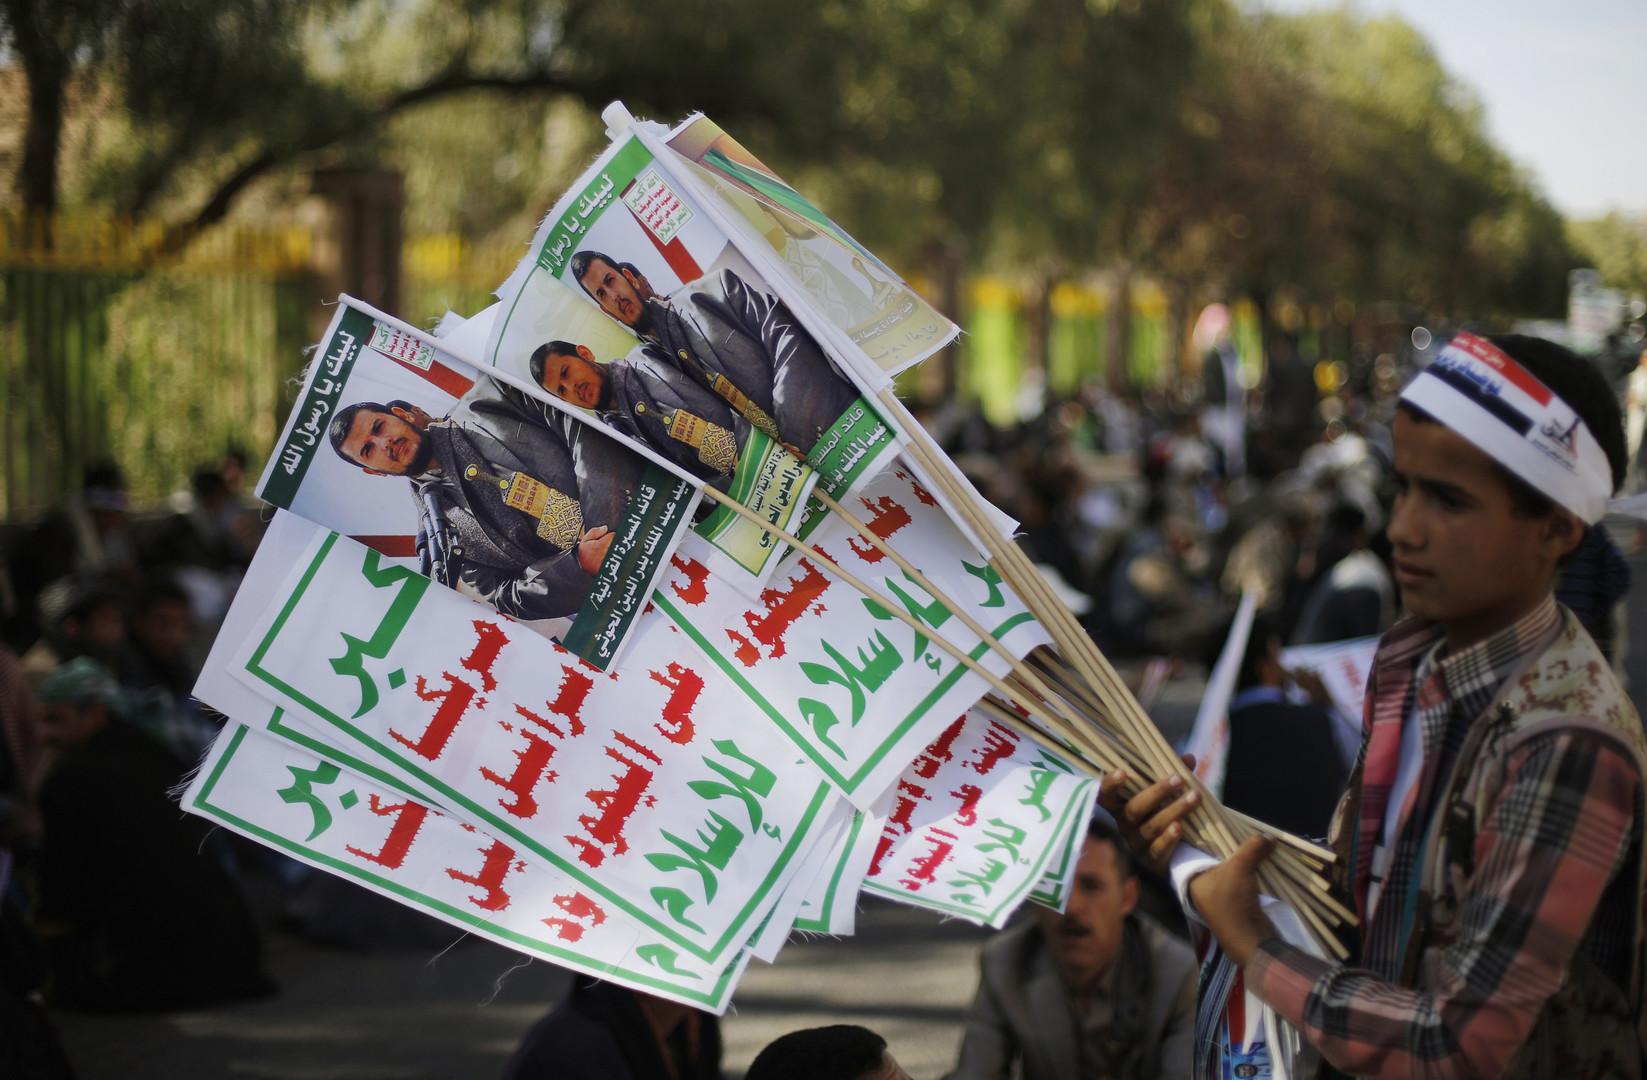 الحوثيون يهددون بالاستيلاء على السلطة في اليمن